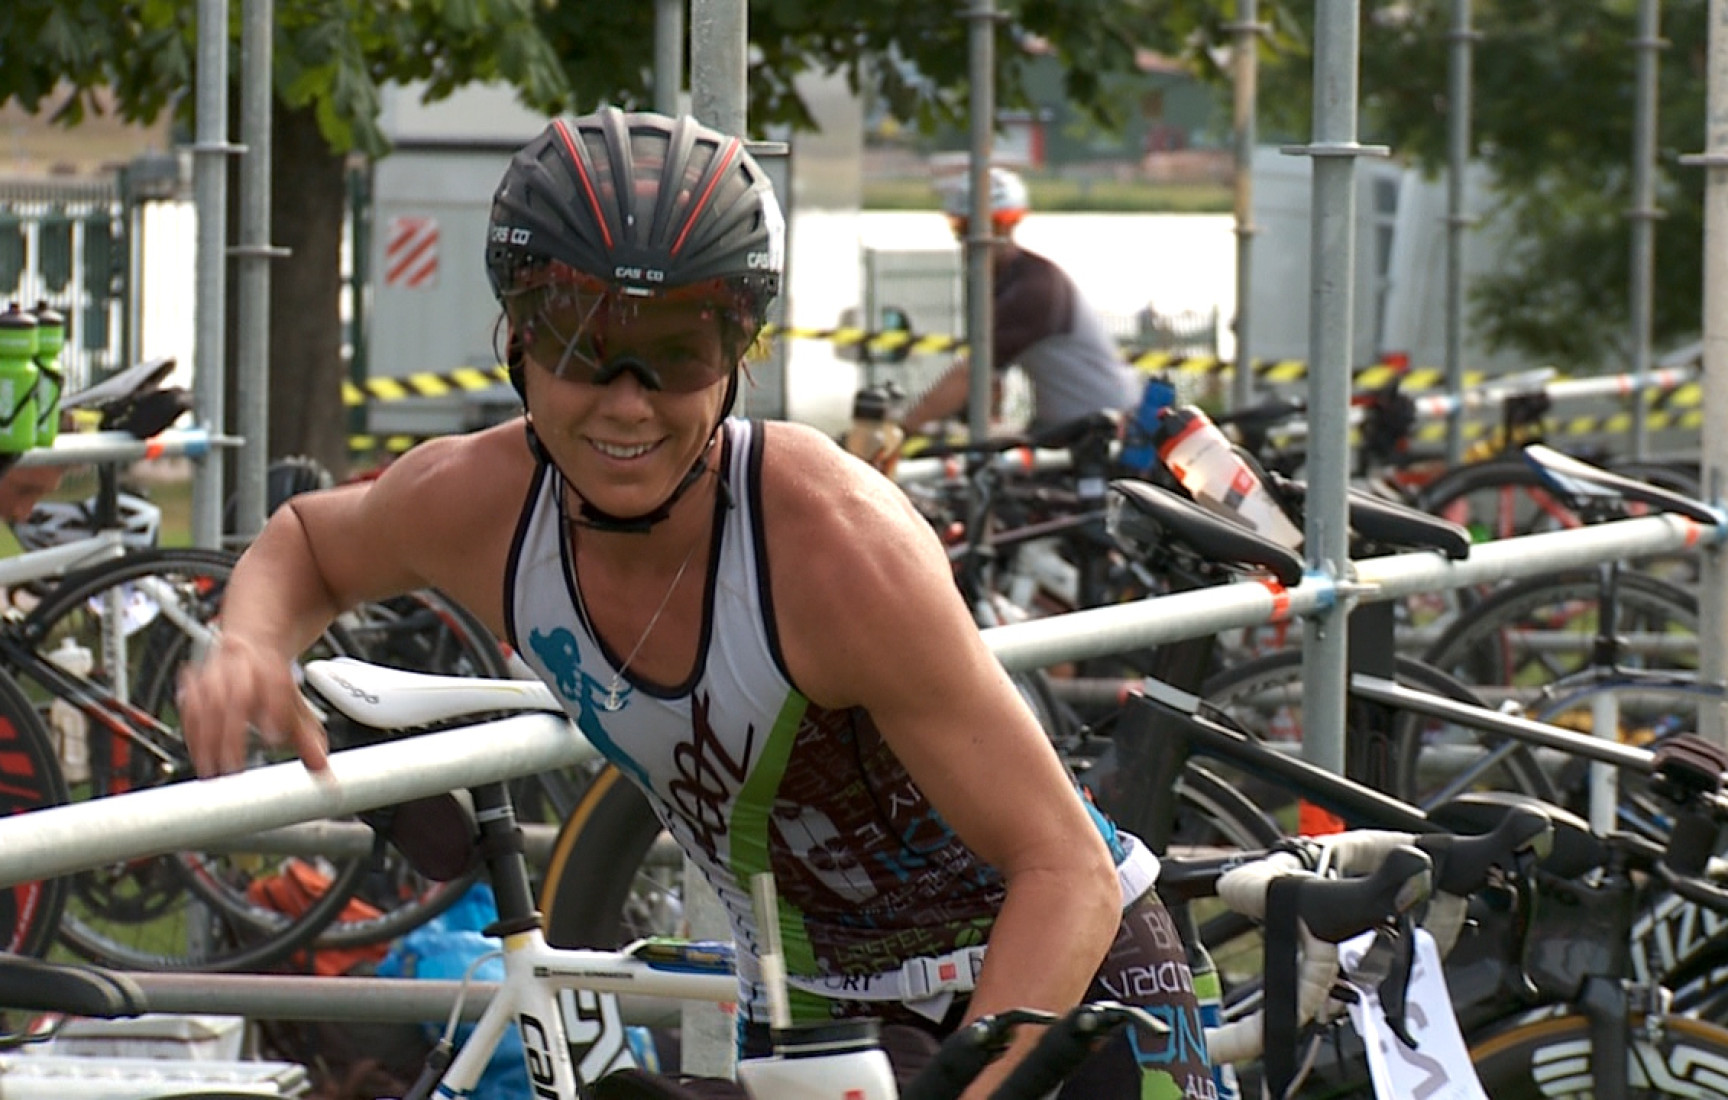 Karlstad Triathlon, medeldistans